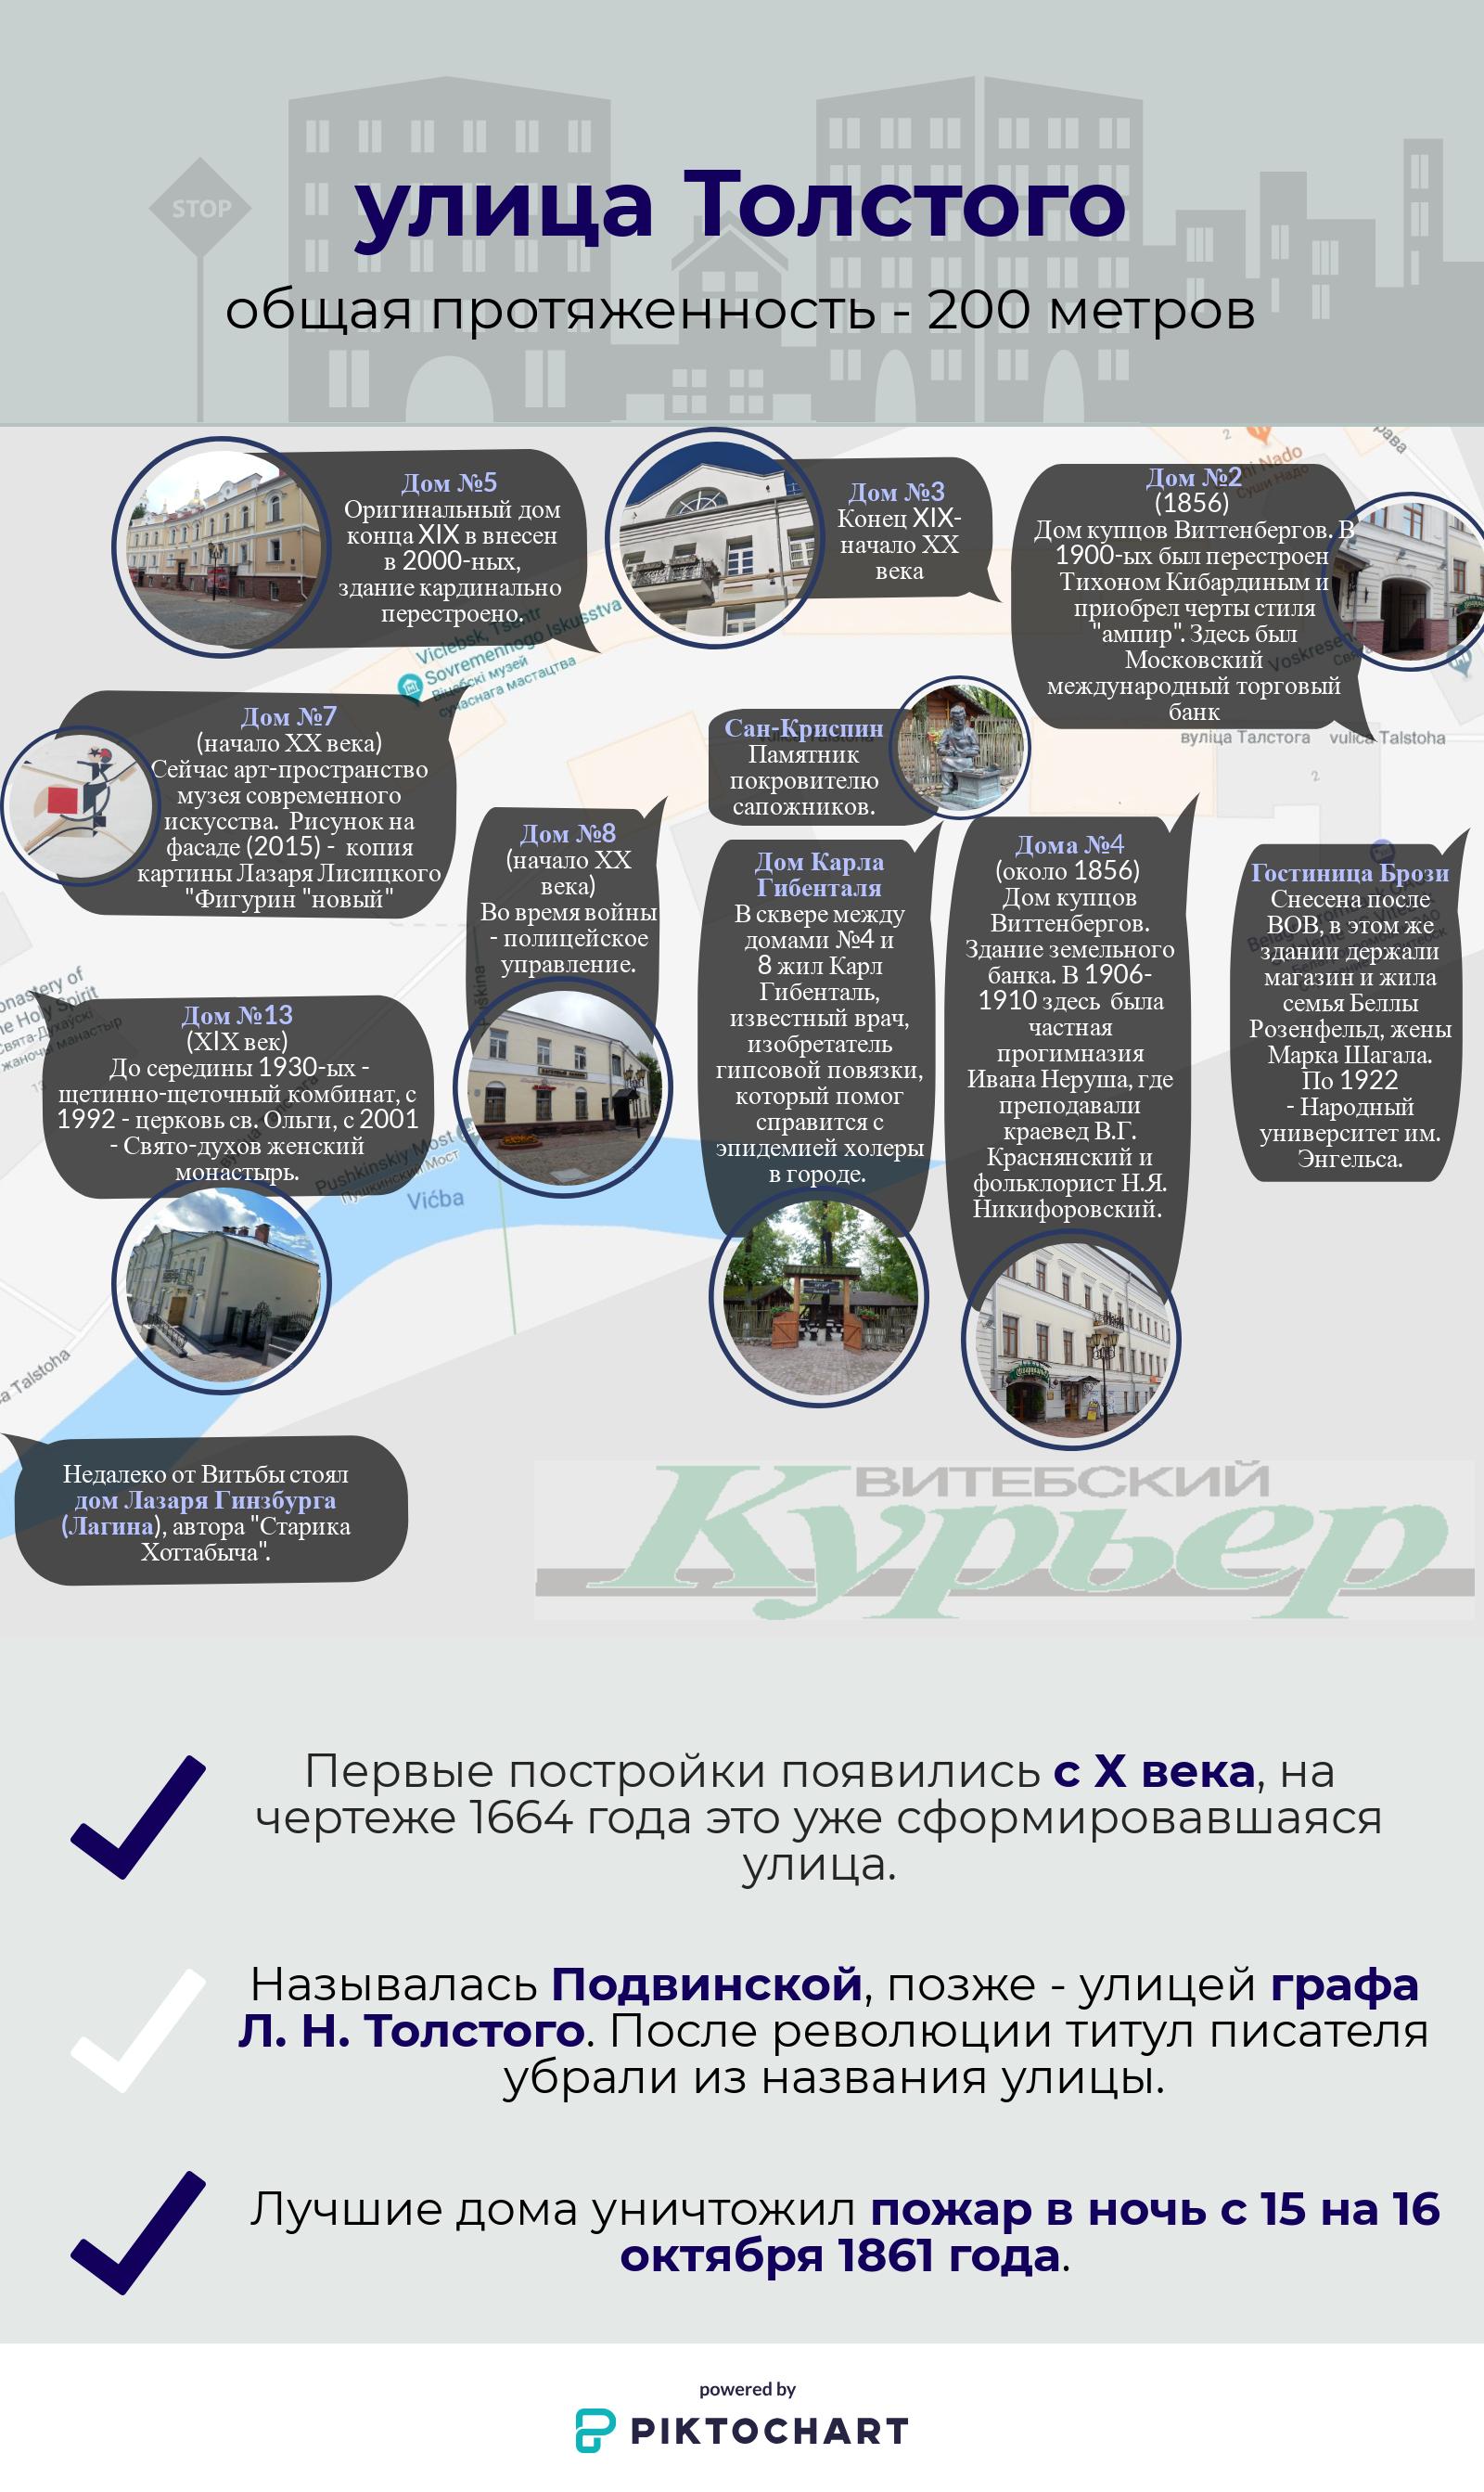 путеводитель по улице Толстого